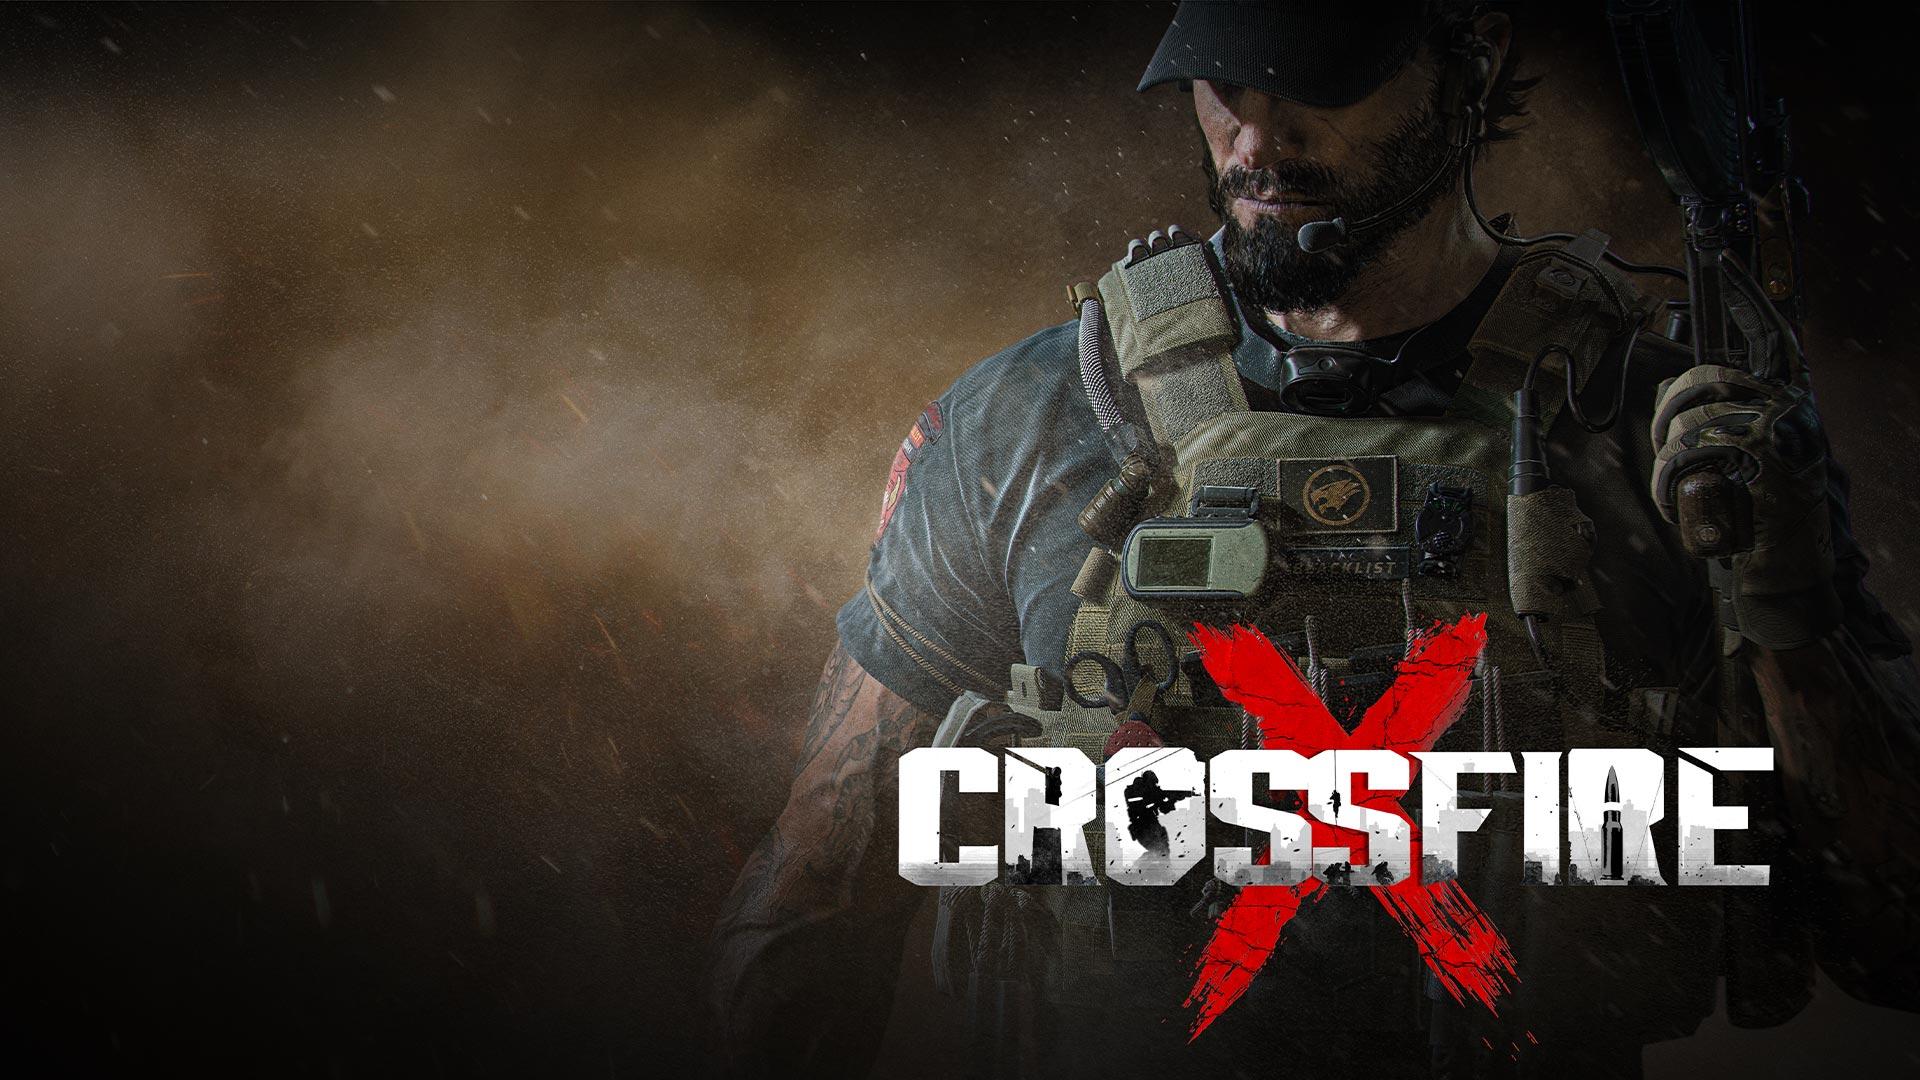 CrossfireX, een zwaarbewapende man staat tussen rook en as